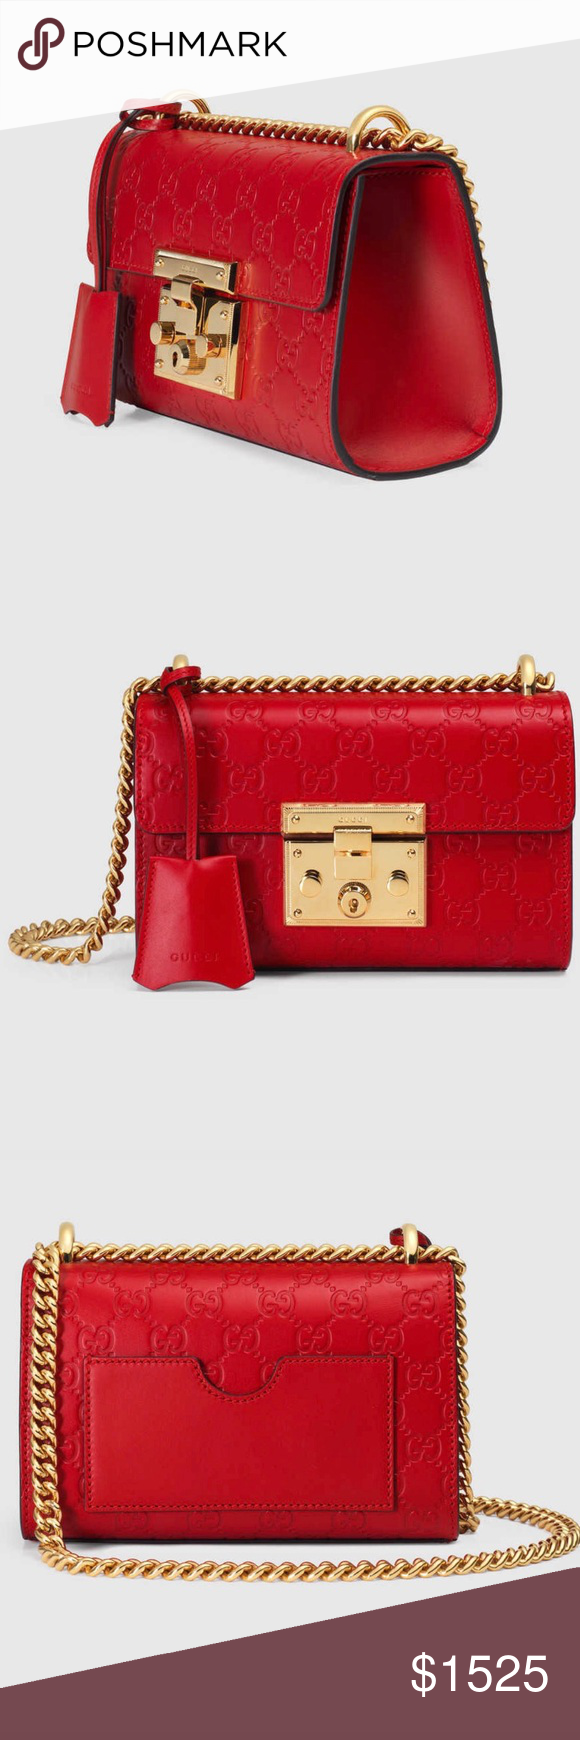 f3e2d75d Padlock Gucci Signature shoulder bag Small Gucci leather bag with a ...